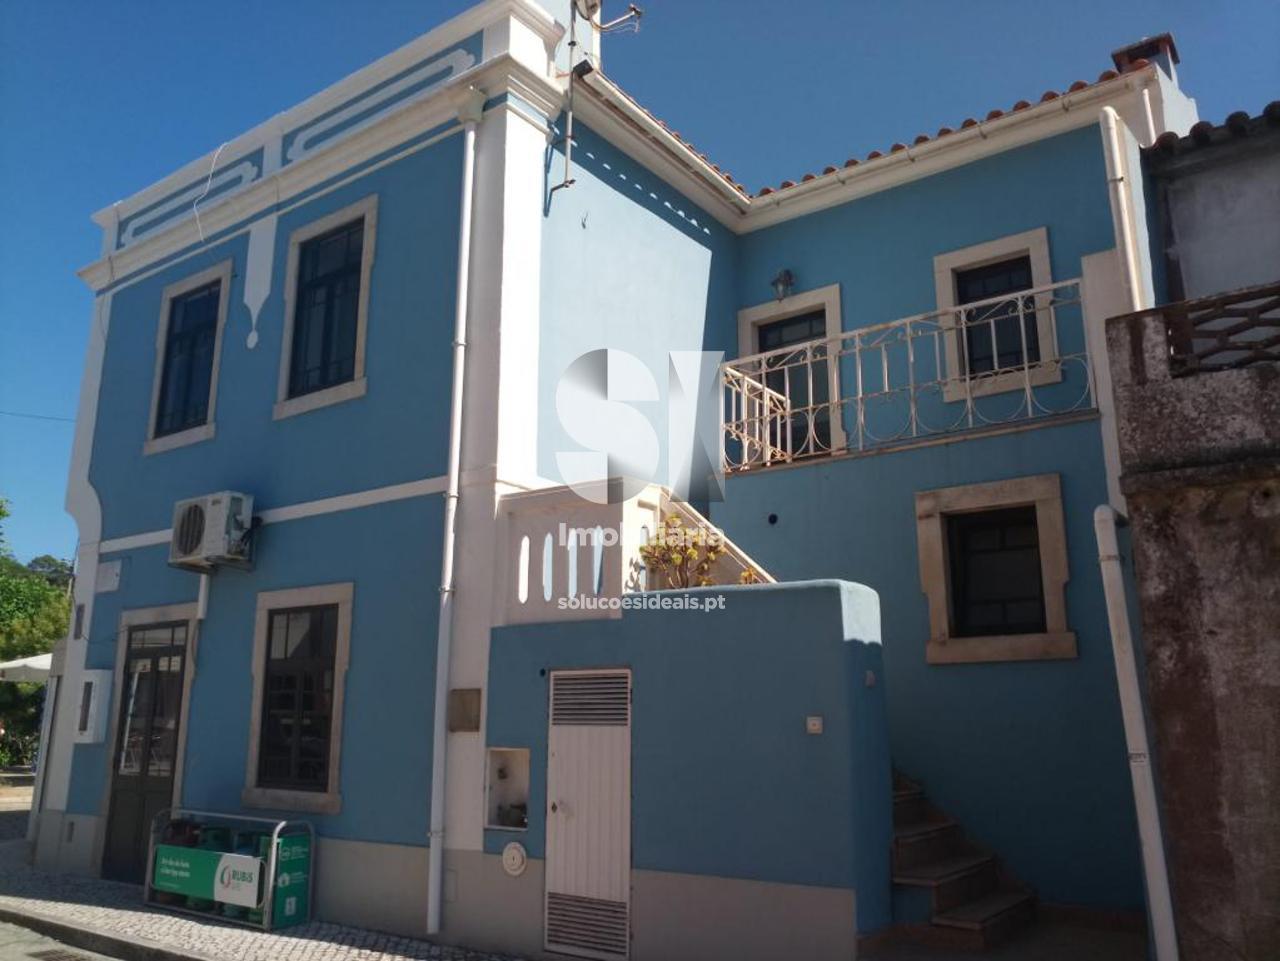 apartamento t2 para arrendamento em bombarral rolica LFCRP901